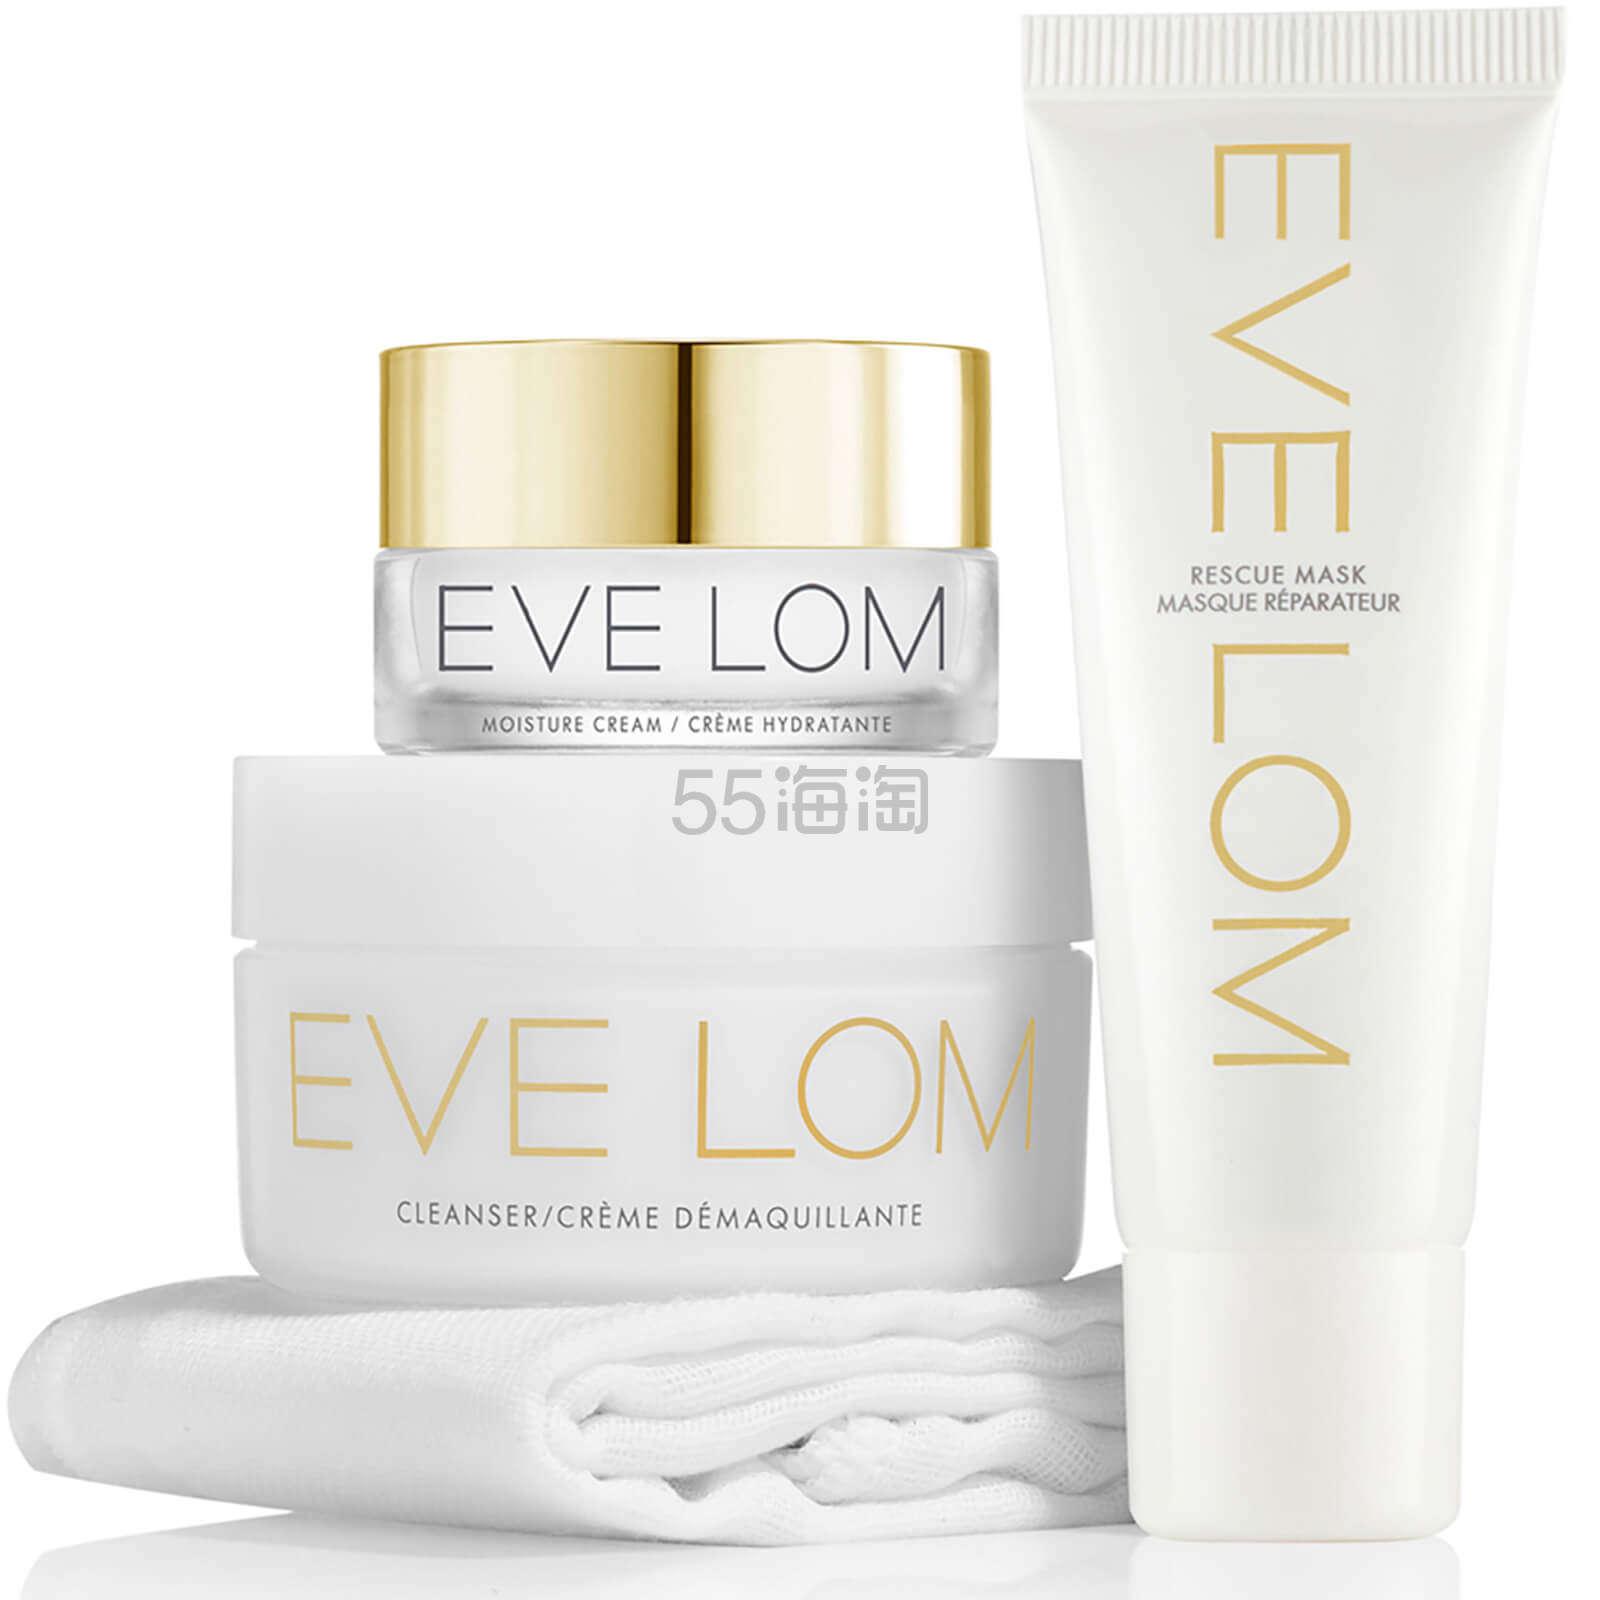 EVE LOM 尝鲜护肤套装 £44.2(约366元) - 海淘优惠海淘折扣 55海淘网